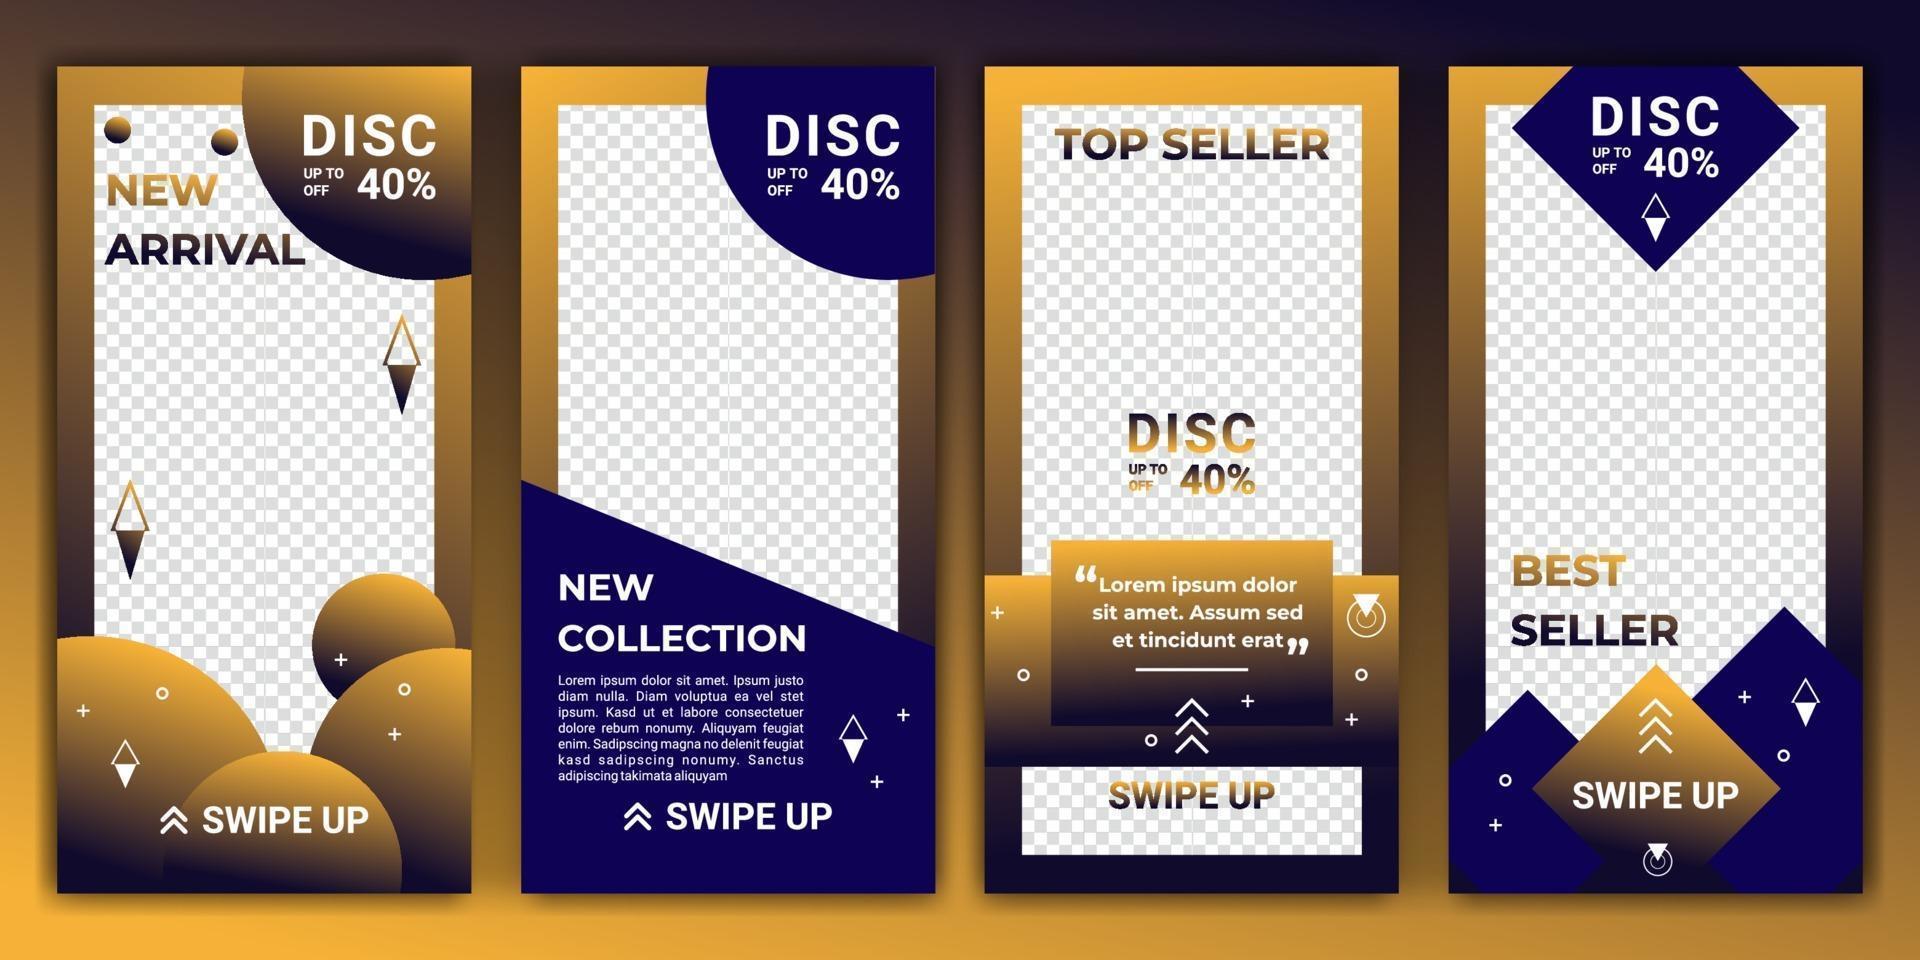 design bakgrunder för sociala medier i tonad färg guld och blått. redigerbar mall för ig-berättelser, ig-mall och webbannonser. abstrakt design för din försäljningsprodukt. vektor illustration